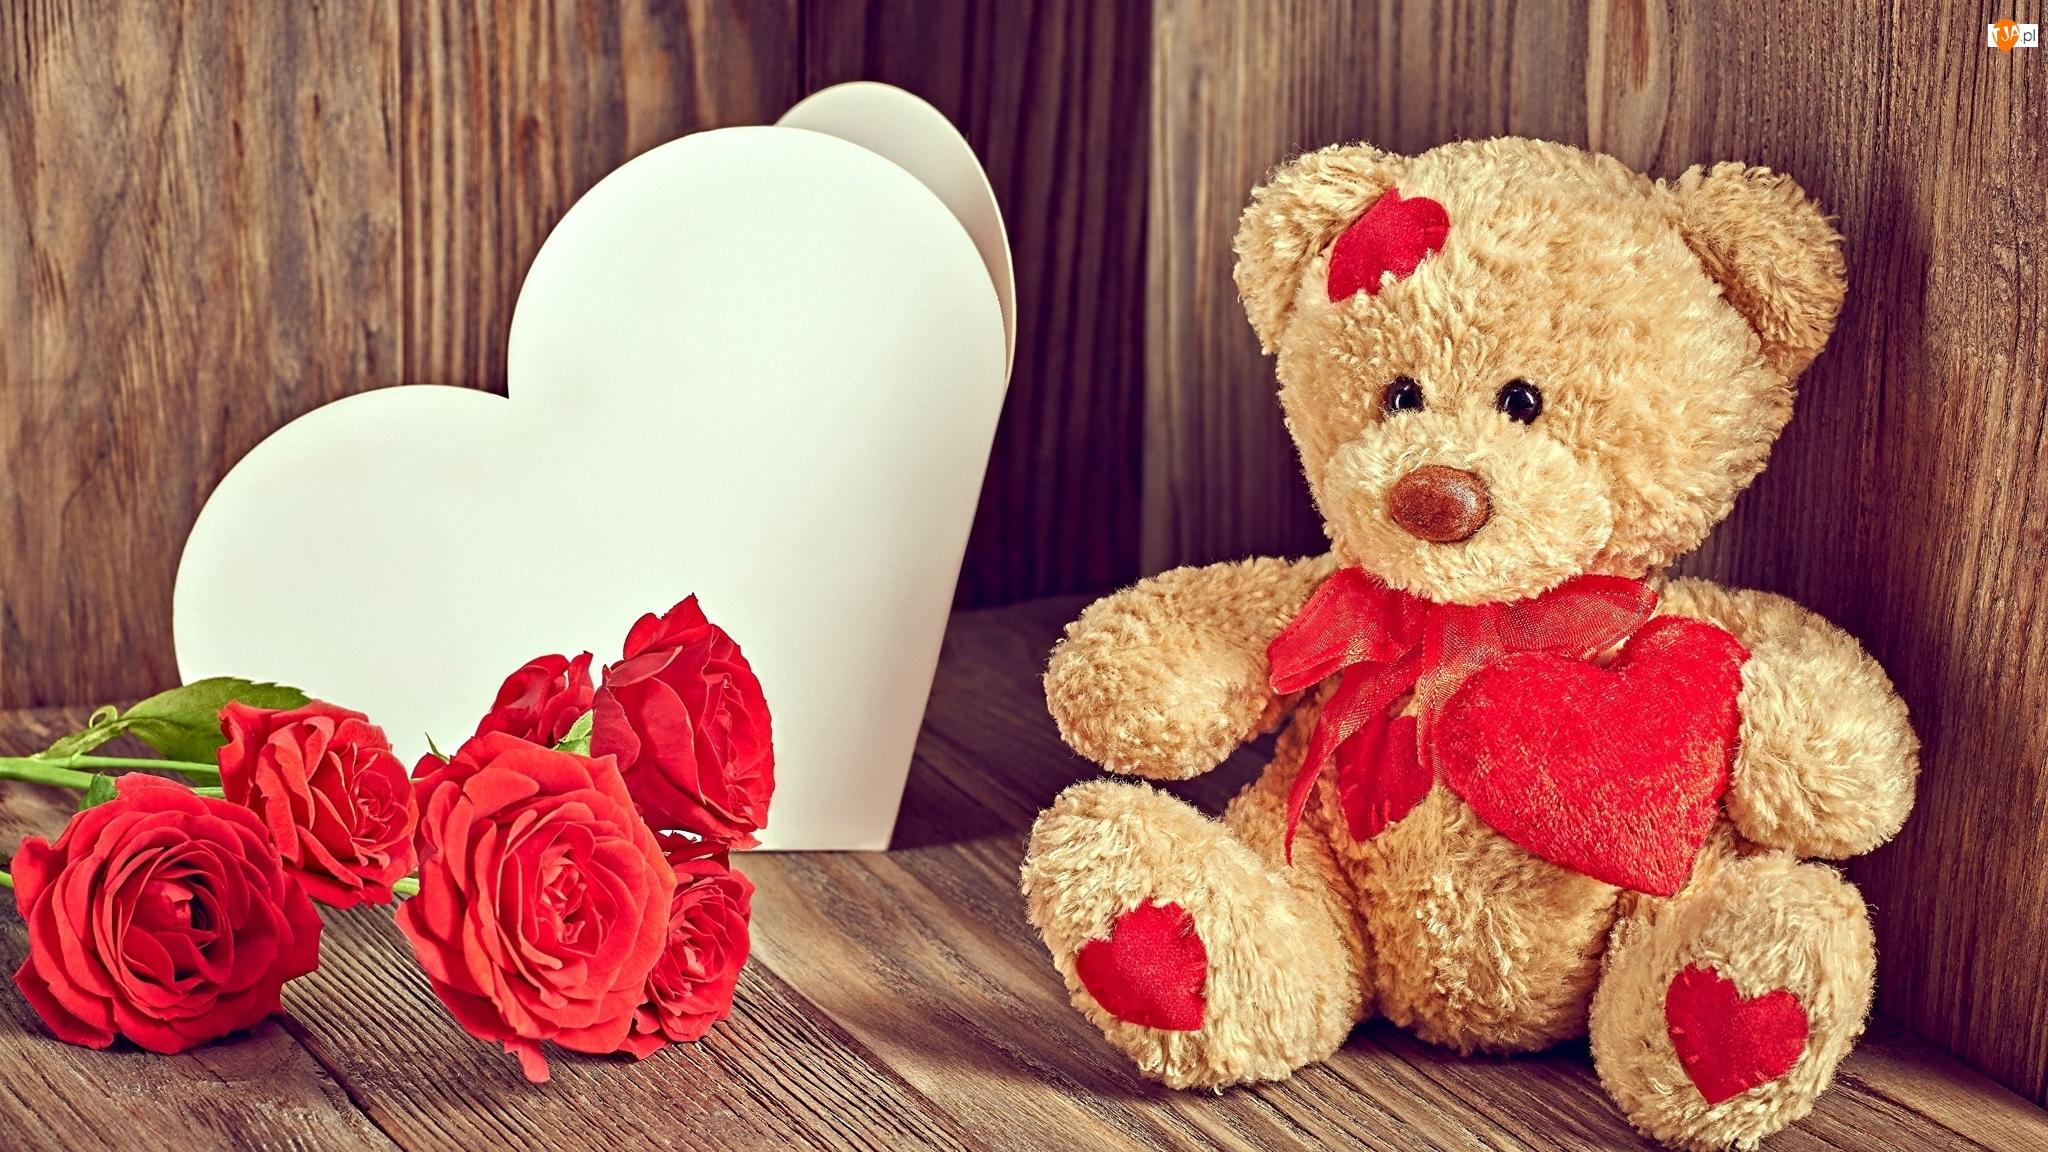 Zabawka, Walentynki, Serce, Róże, Misio, Czerwone